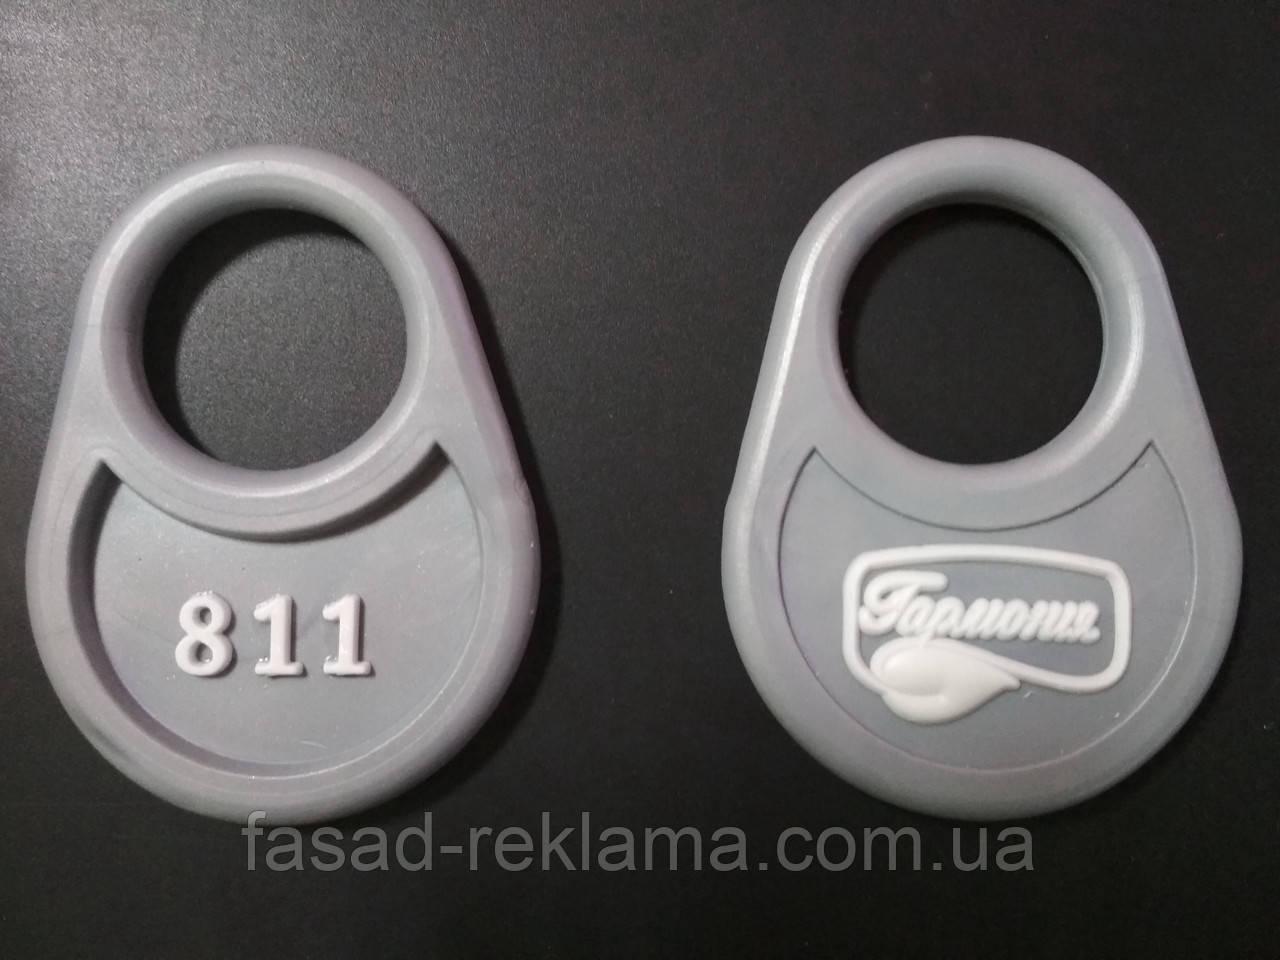 Номерок для гардероба с логотипом